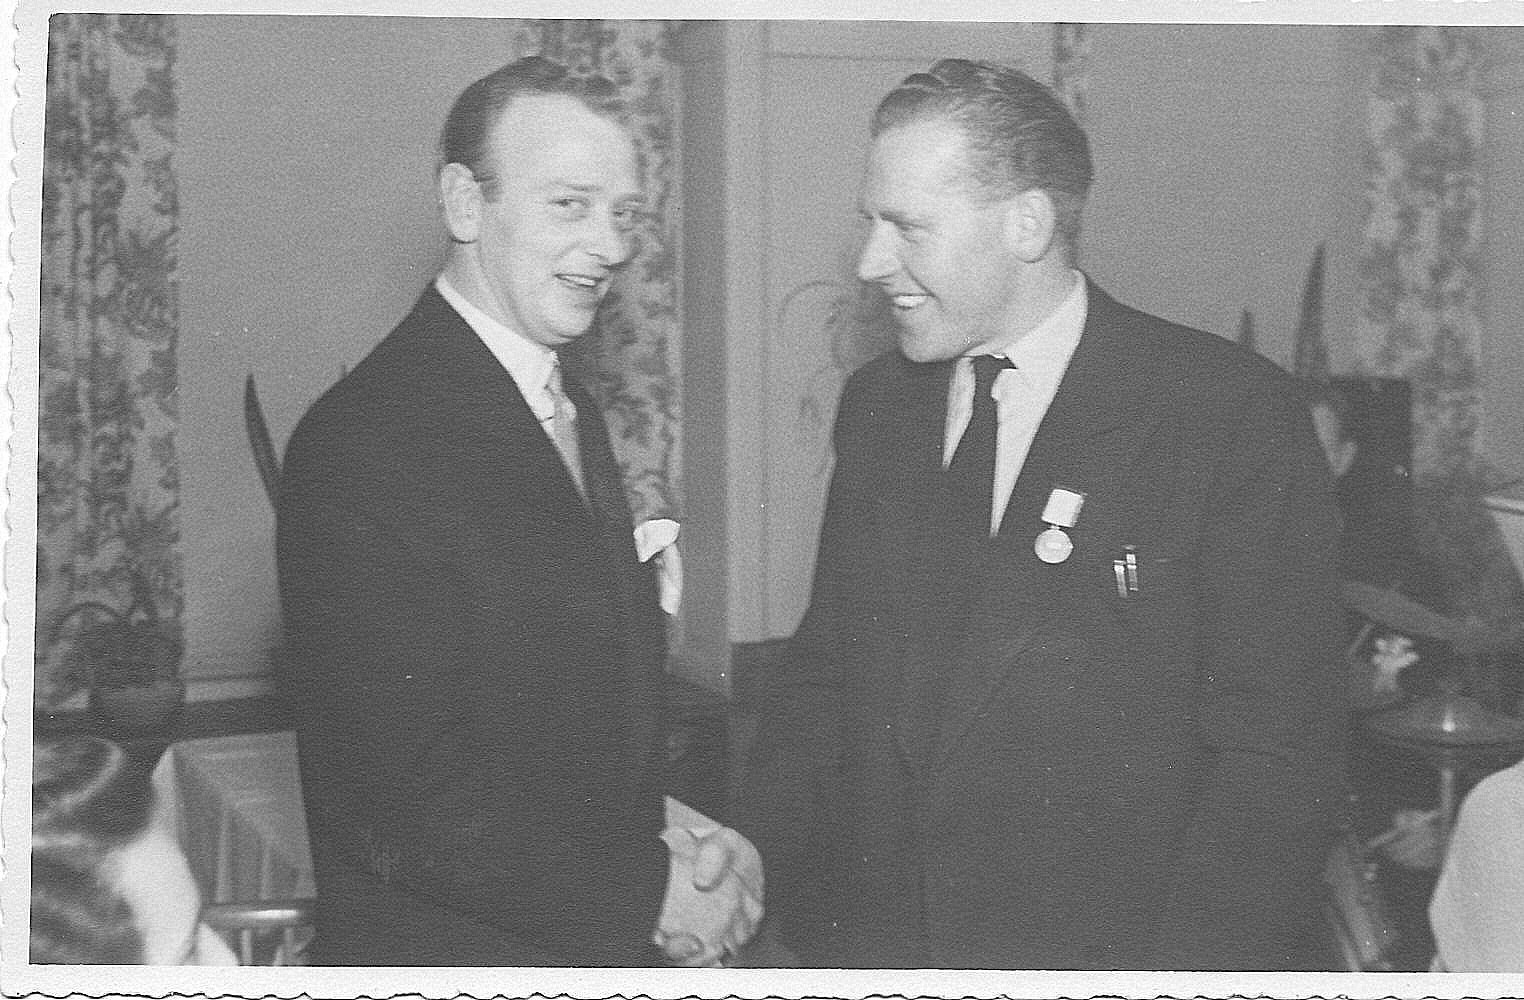 AMK´s formand Poul Sørensen lykønsker Carlo med hans DM i 1949 på Hobrobanen ved nytårsfesten 7. jan. 1950.